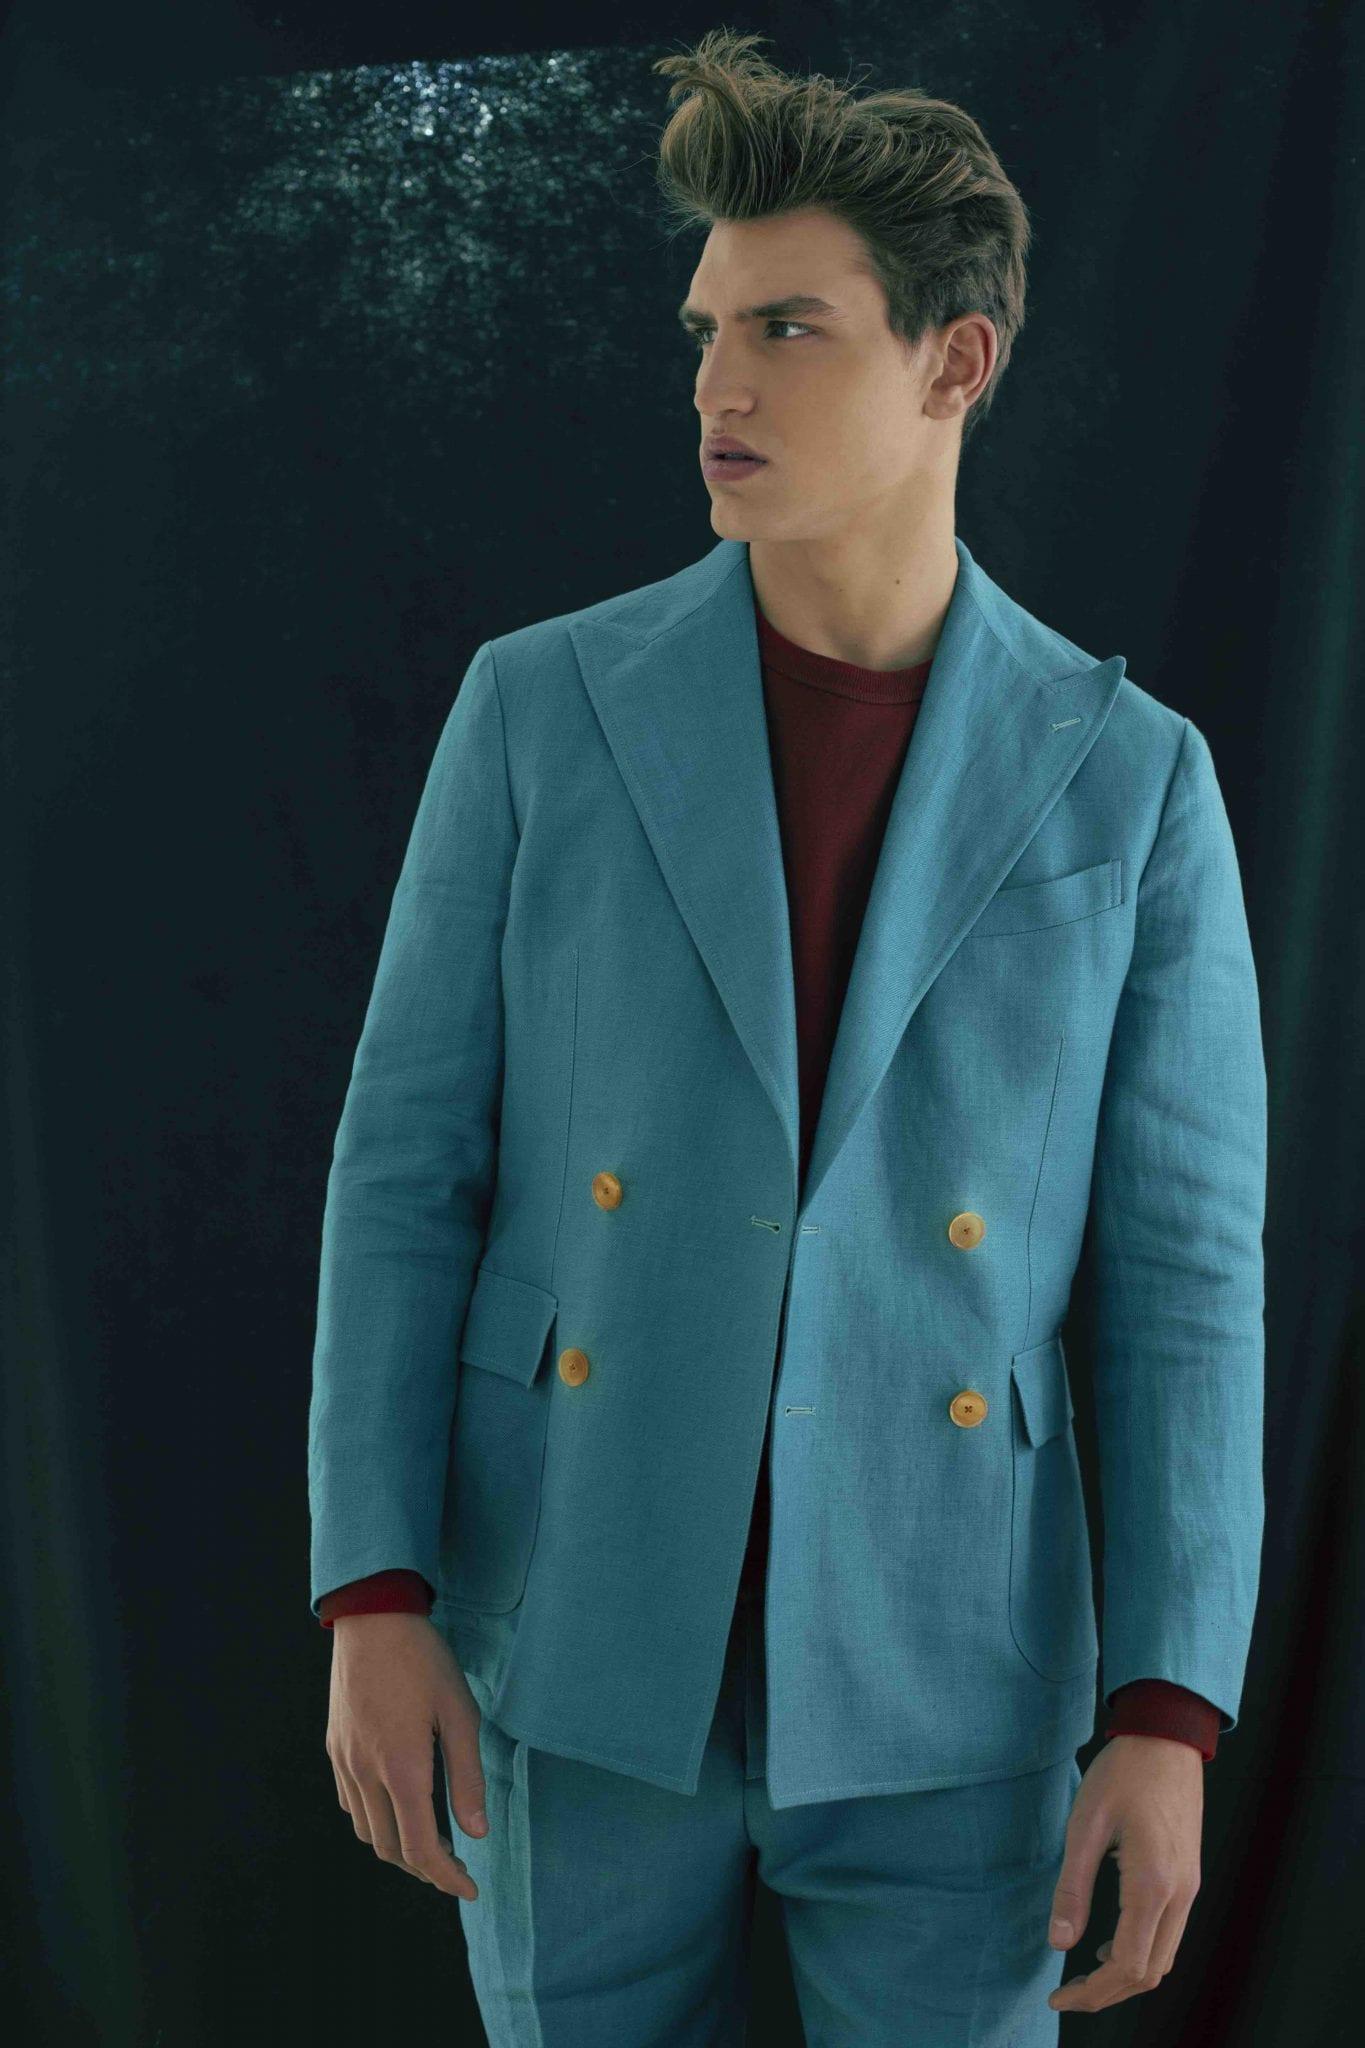 Suit Doppiaa, sweater C.P. Company